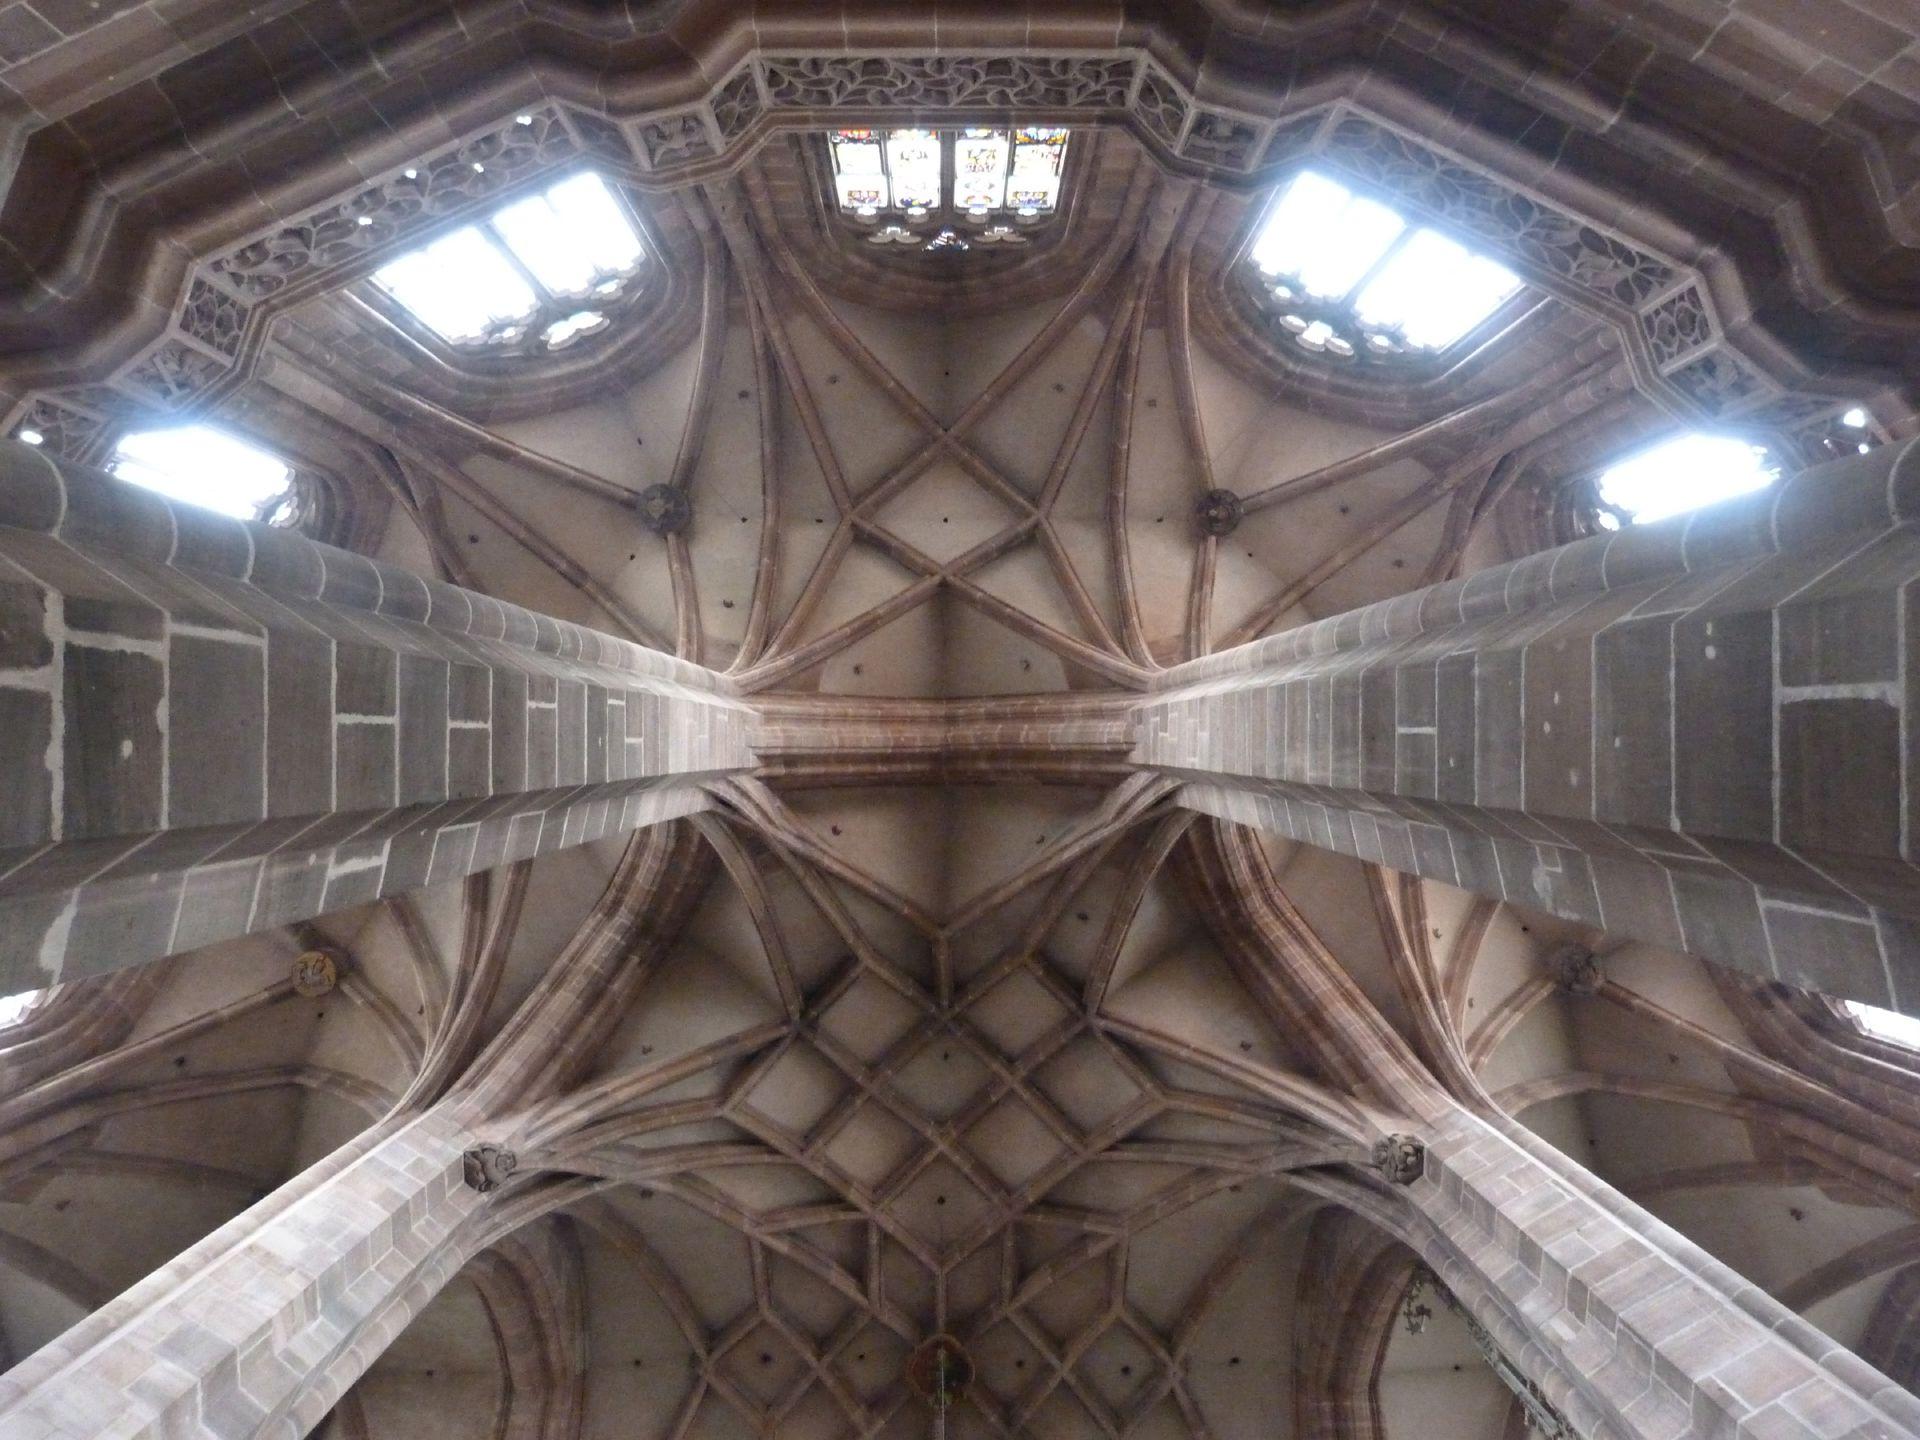 St. Lorenz, Hallenchor, Bauphase Jakob Grimm Chorgewölbe zwischen dem östlichsten Pfeilerpaar mit Umgangsbrüstung